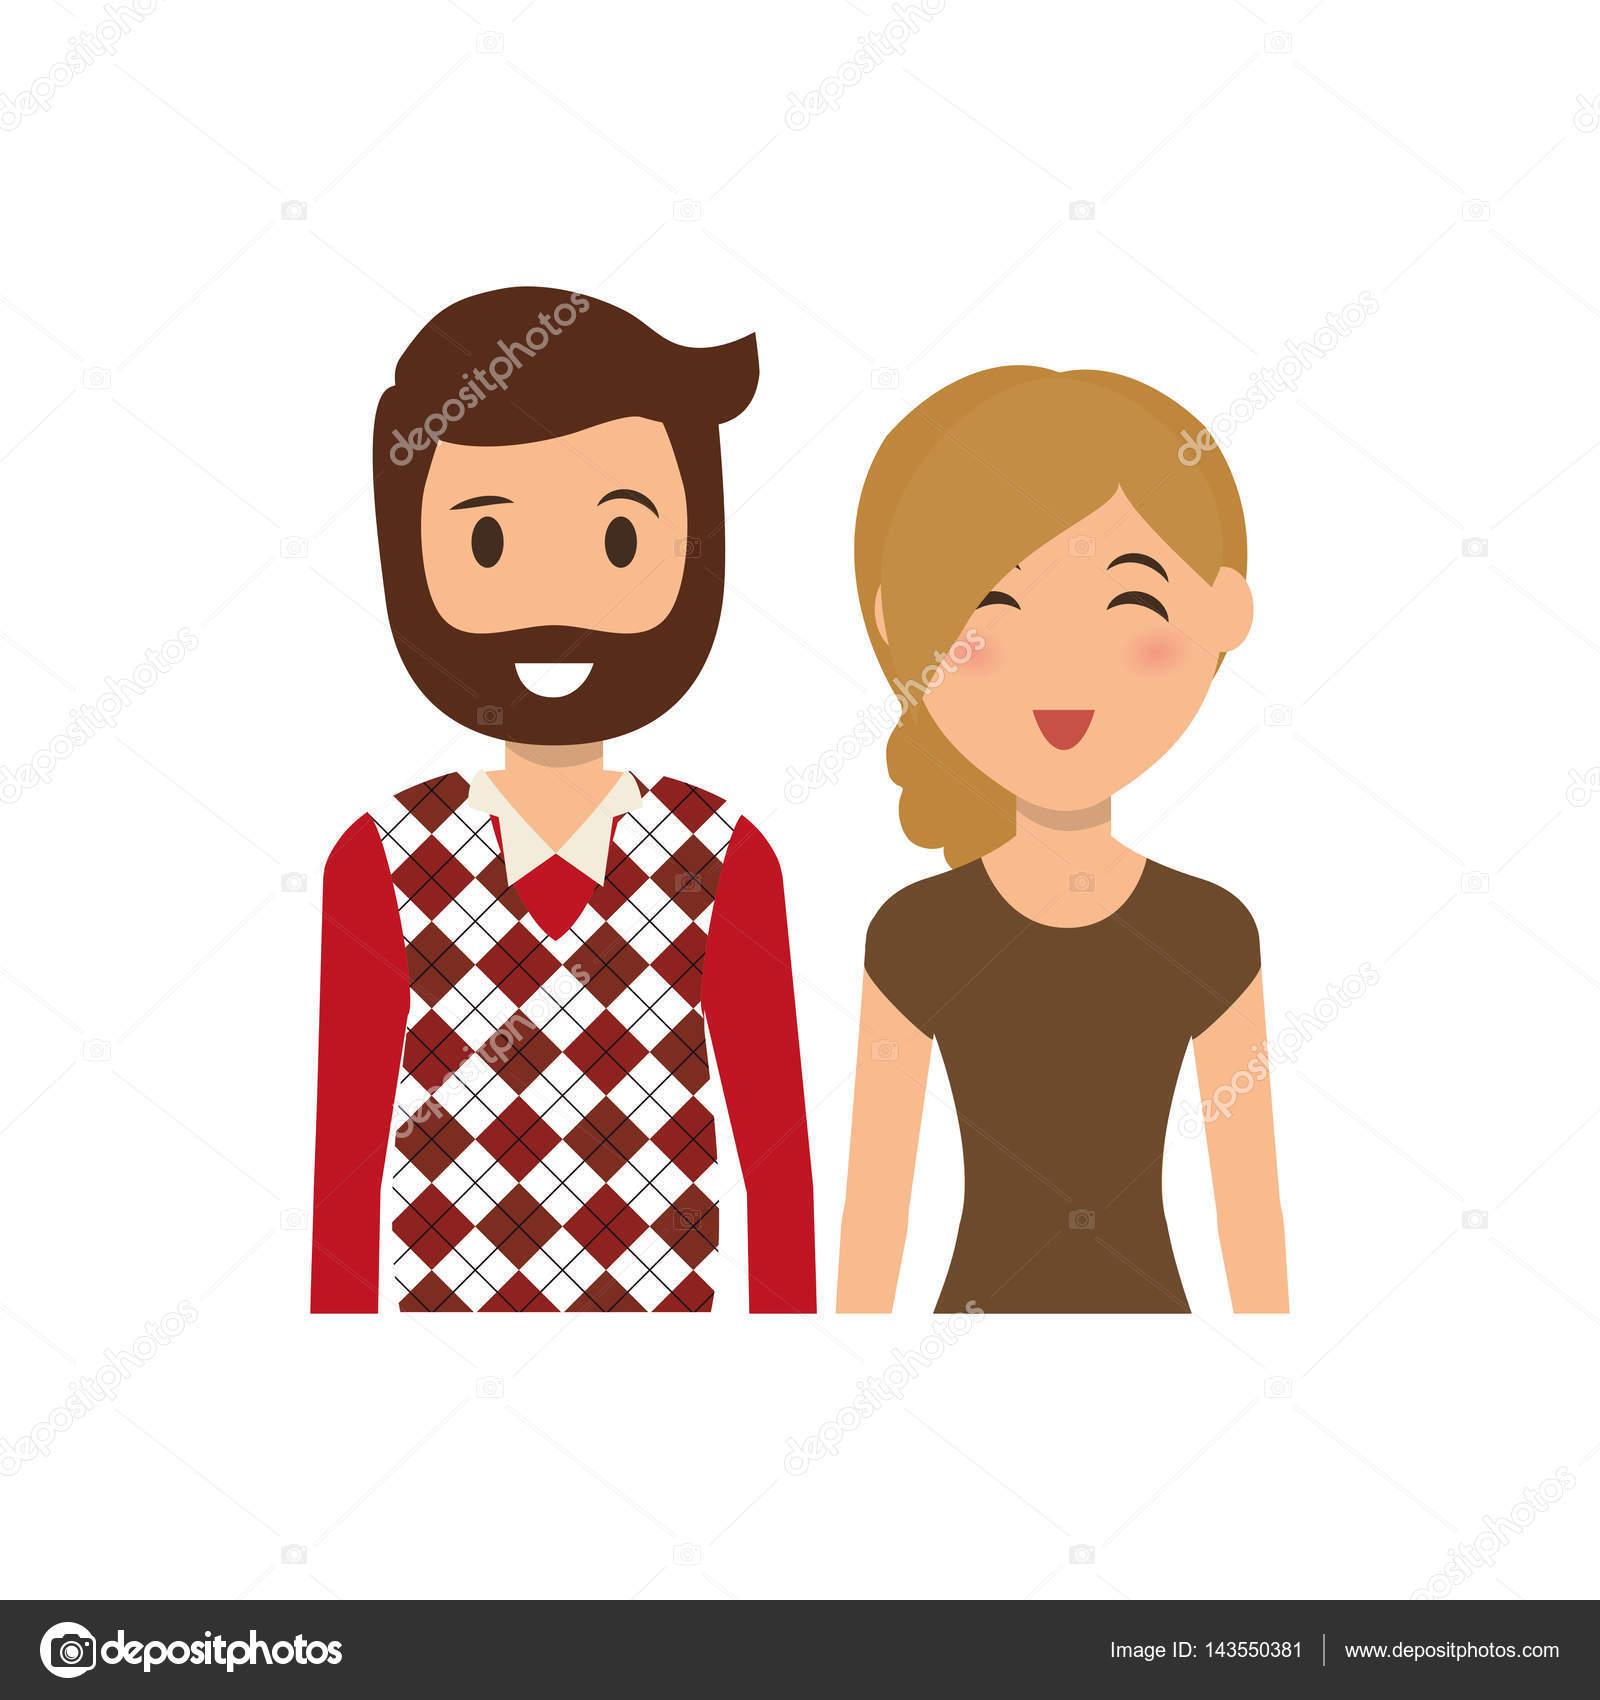 Dessin Anime Mignon Couple Image Vectorielle Djv C 143550381